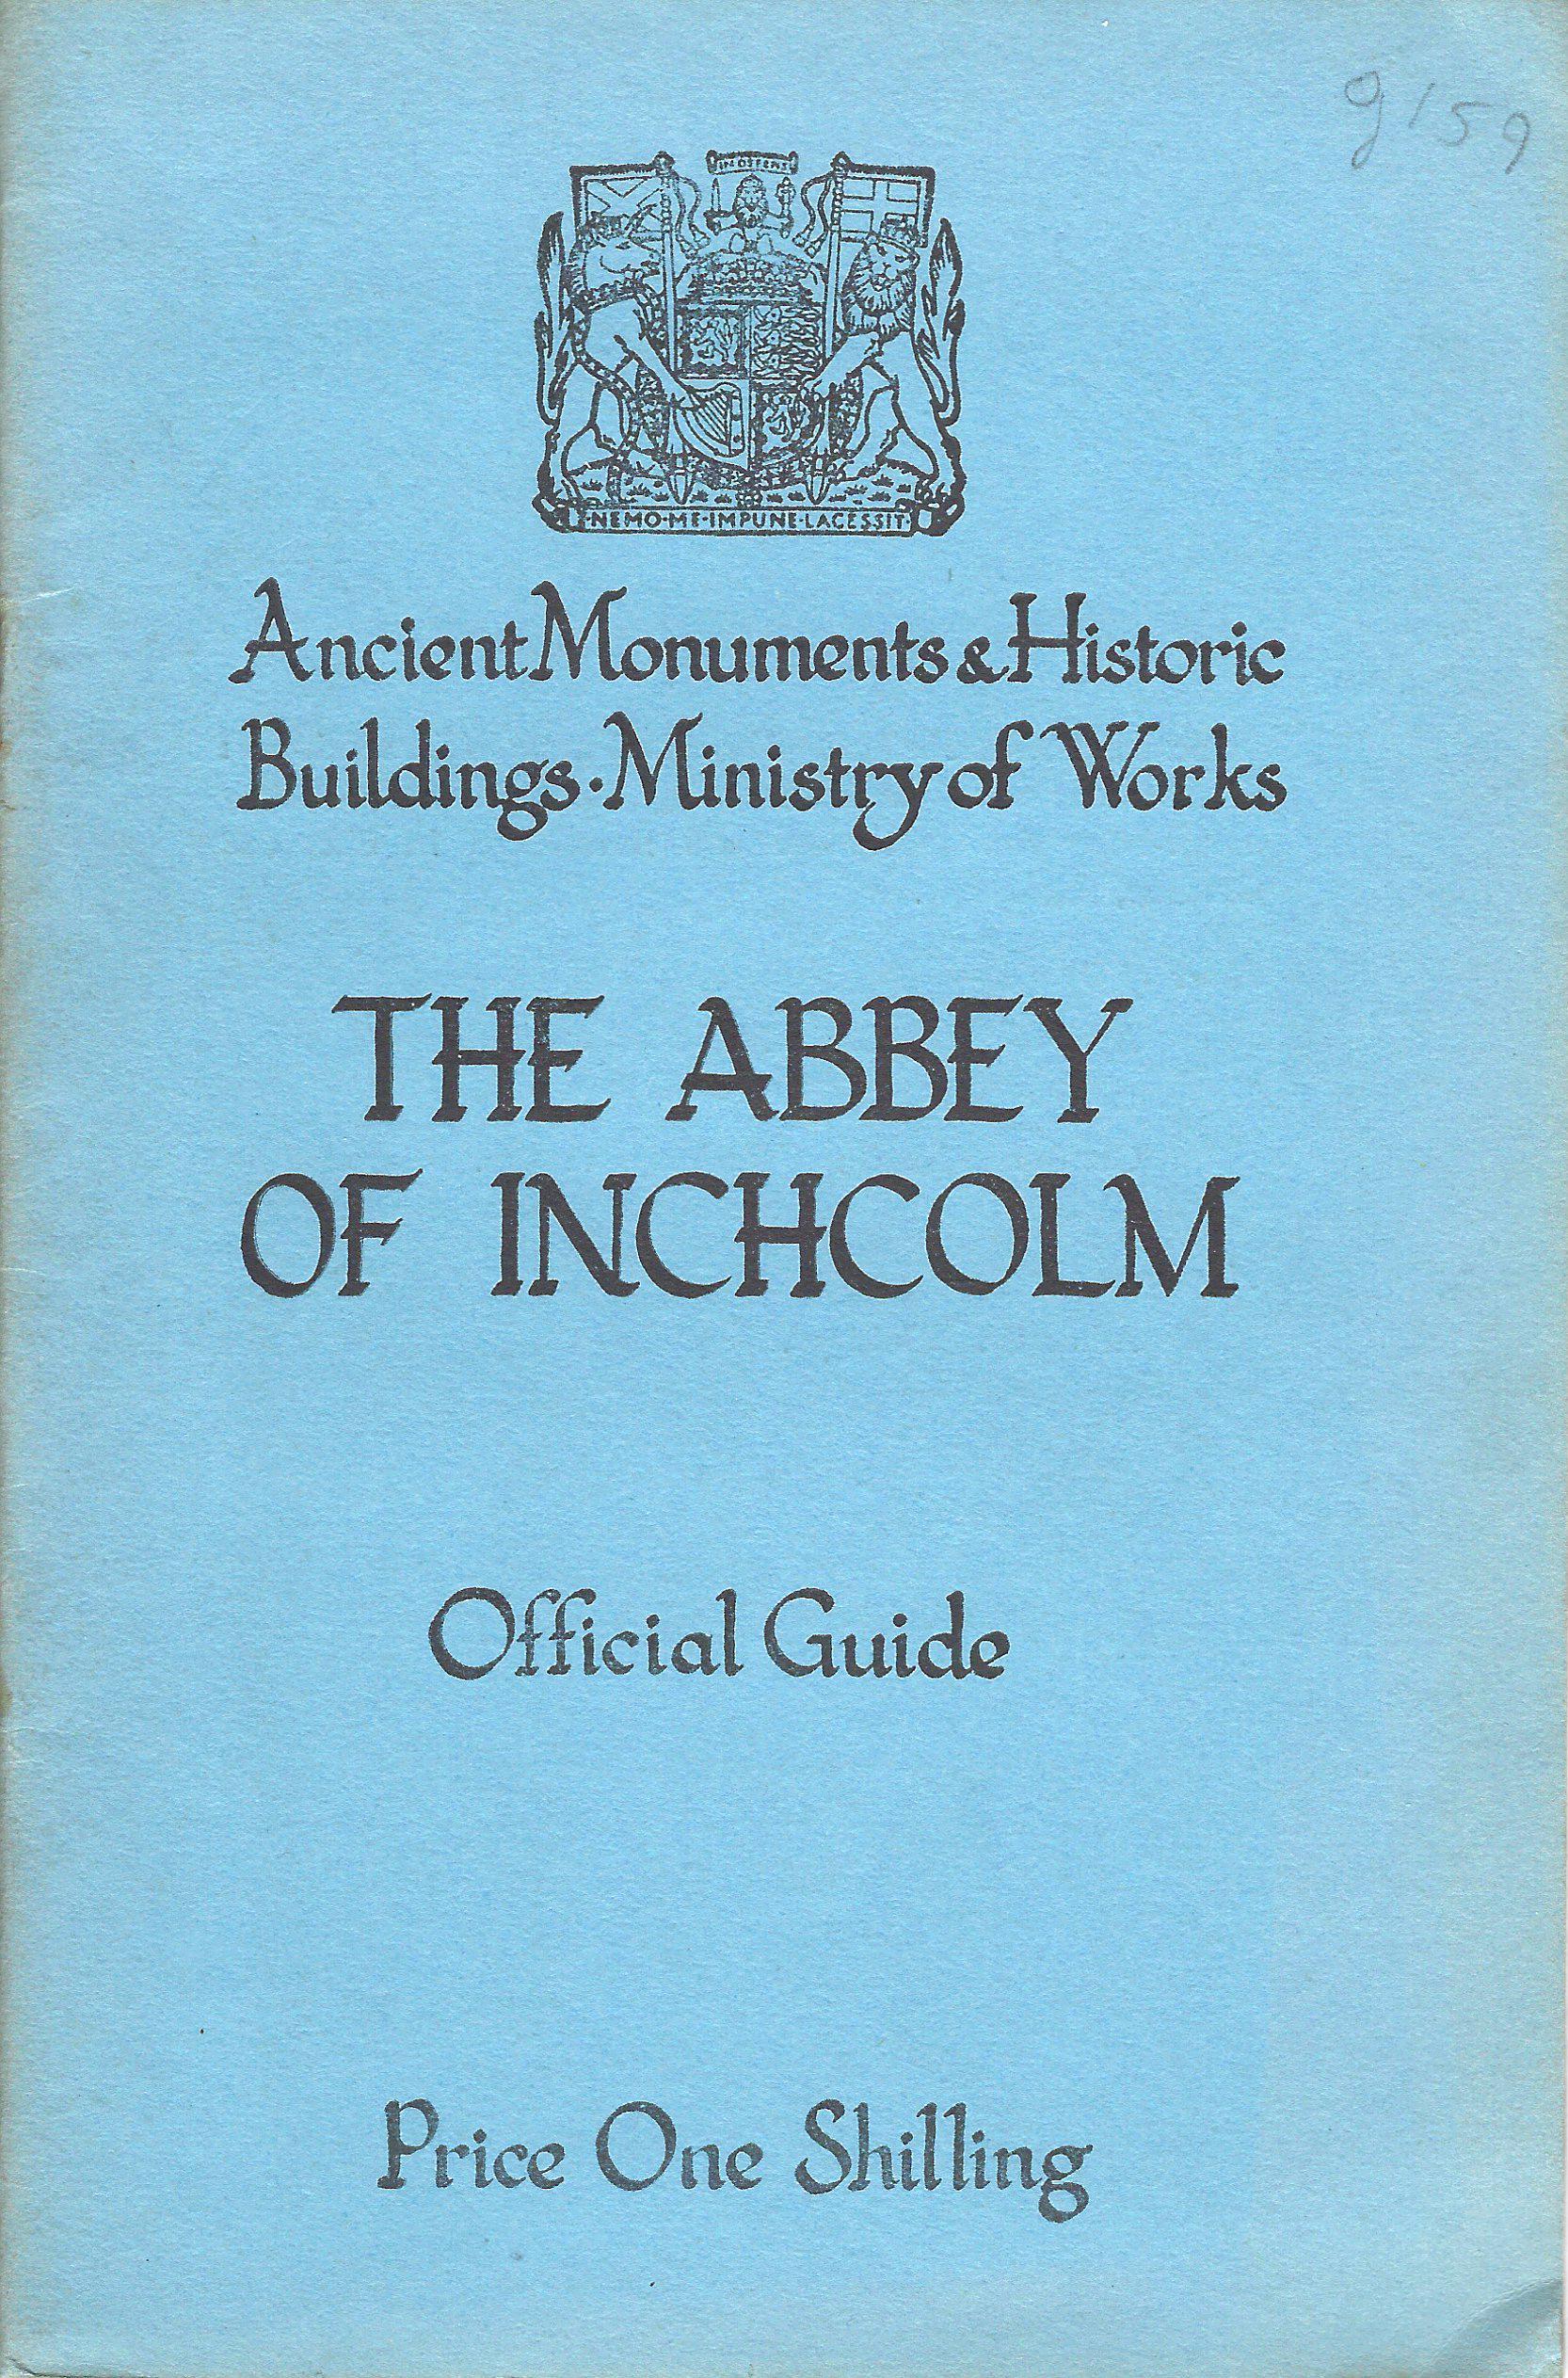 Inchcolm_MW